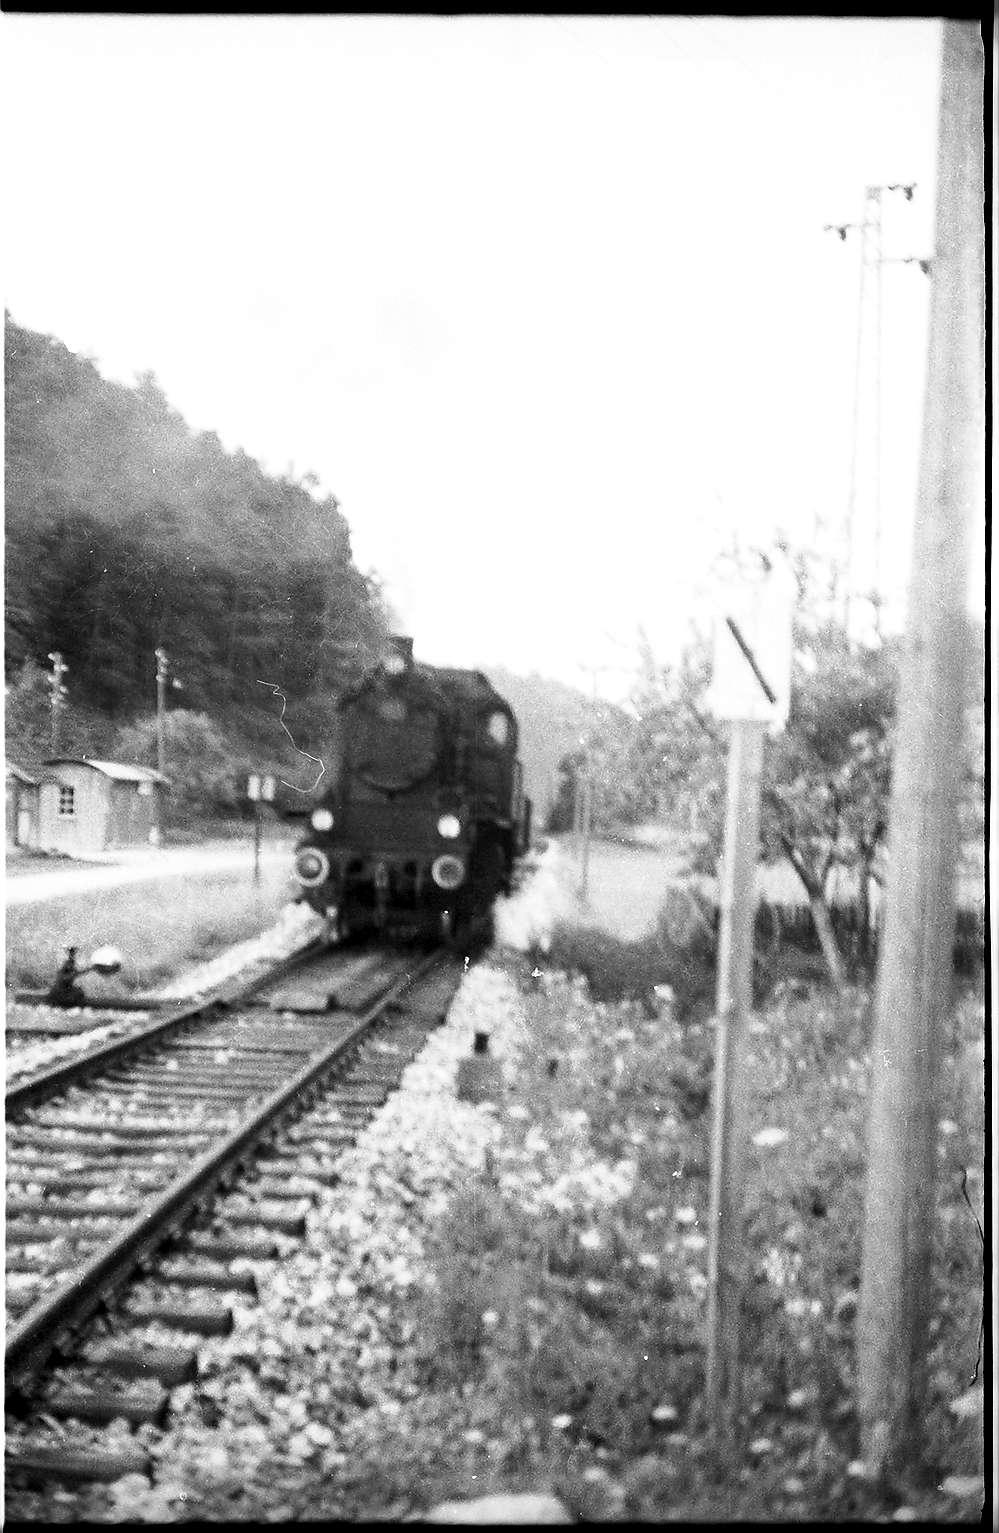 Spritzzug Lok 141, Strecke Veringenstadt - Hermentingen, links Wellblechbude des Bahnhofs Hermentingen, 1908 - 1968 in Benutzung, Bild 1